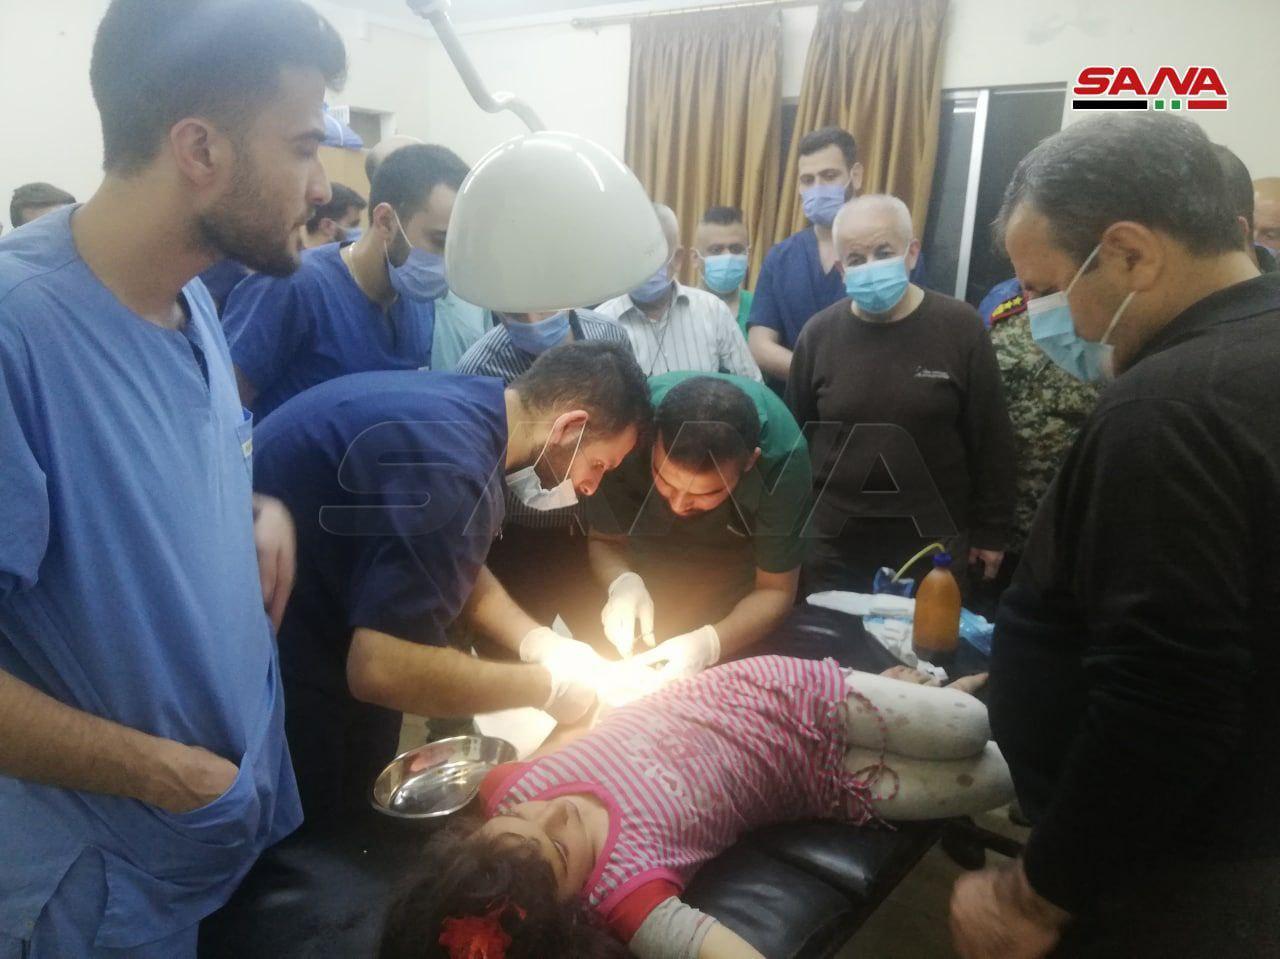 Korsan İsrail Ordusu Lazkiye ve Hama'da Sivil ve Askeri Hedeflere Saldırdı (Video)